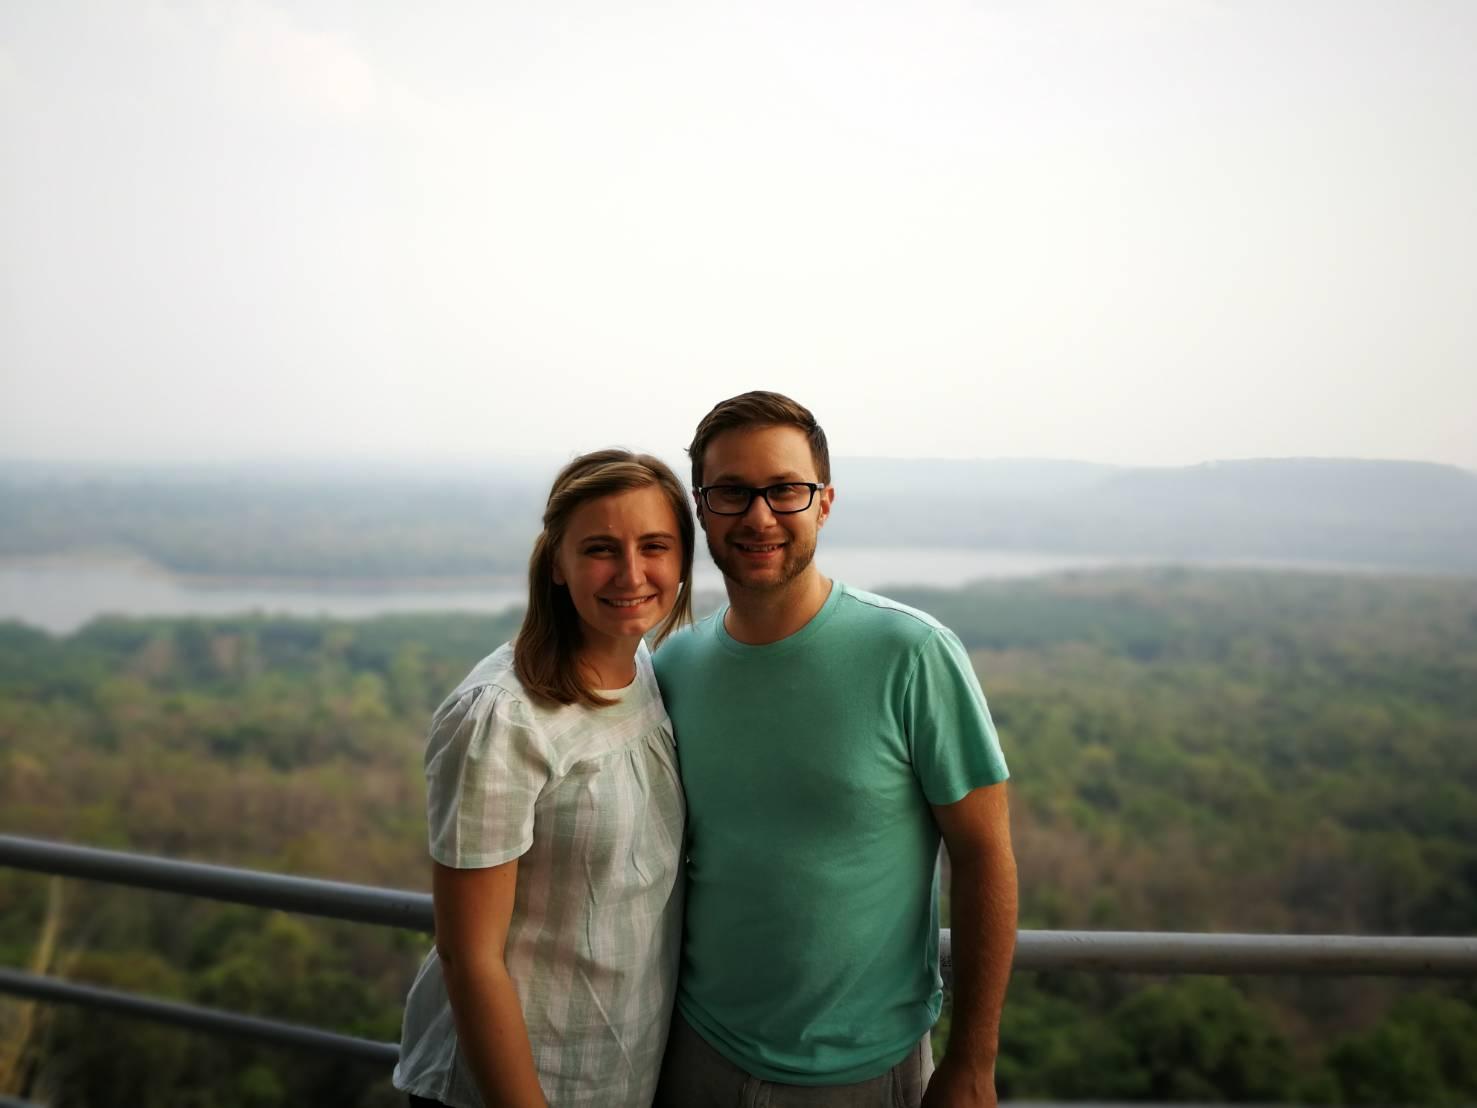 Josh & Mindy Grimaldi